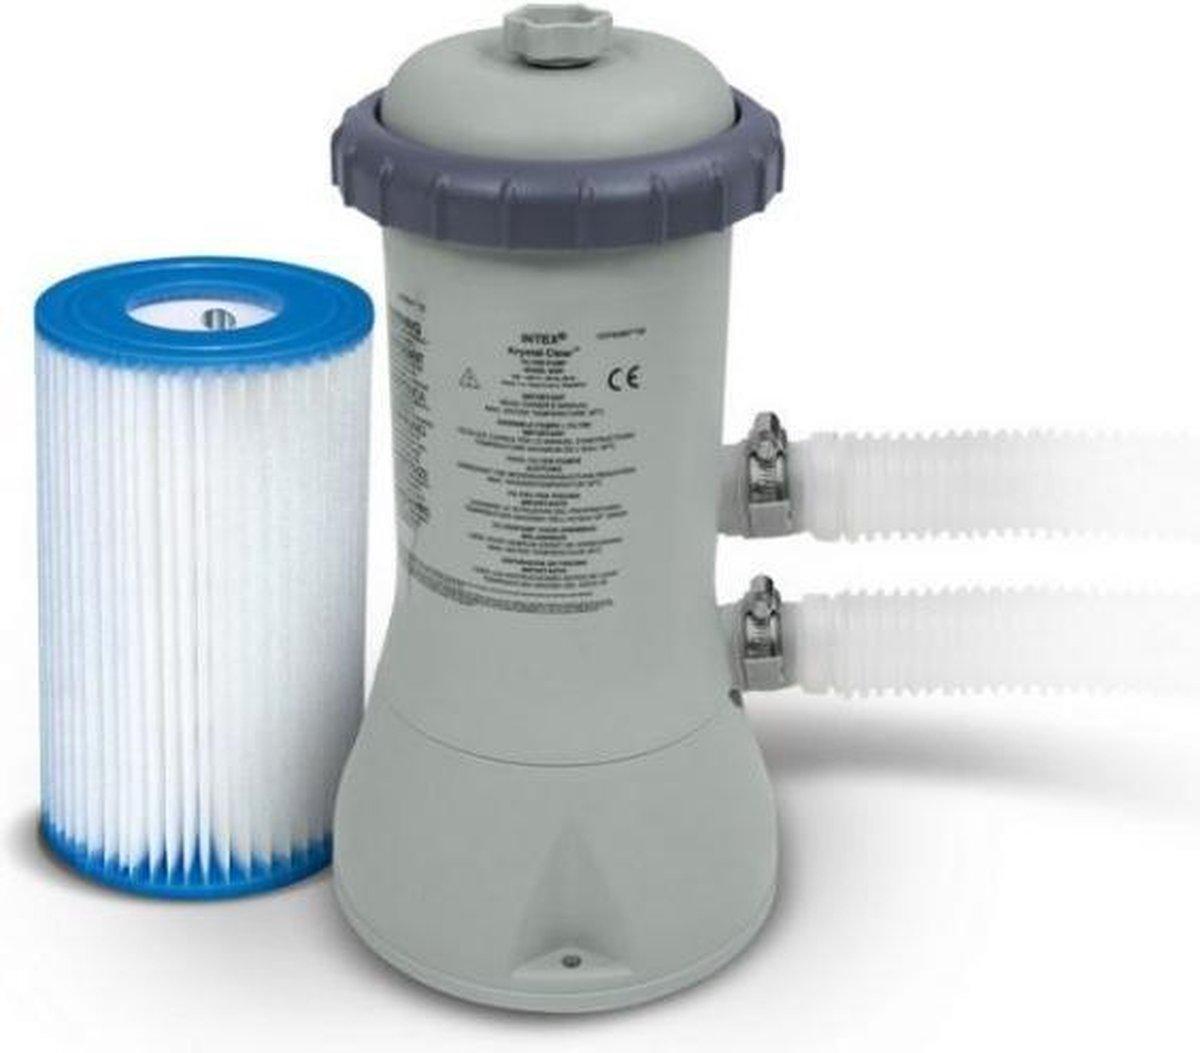 Intex zwembadpomp - 2006 liter per uur - inclusief 1 filter